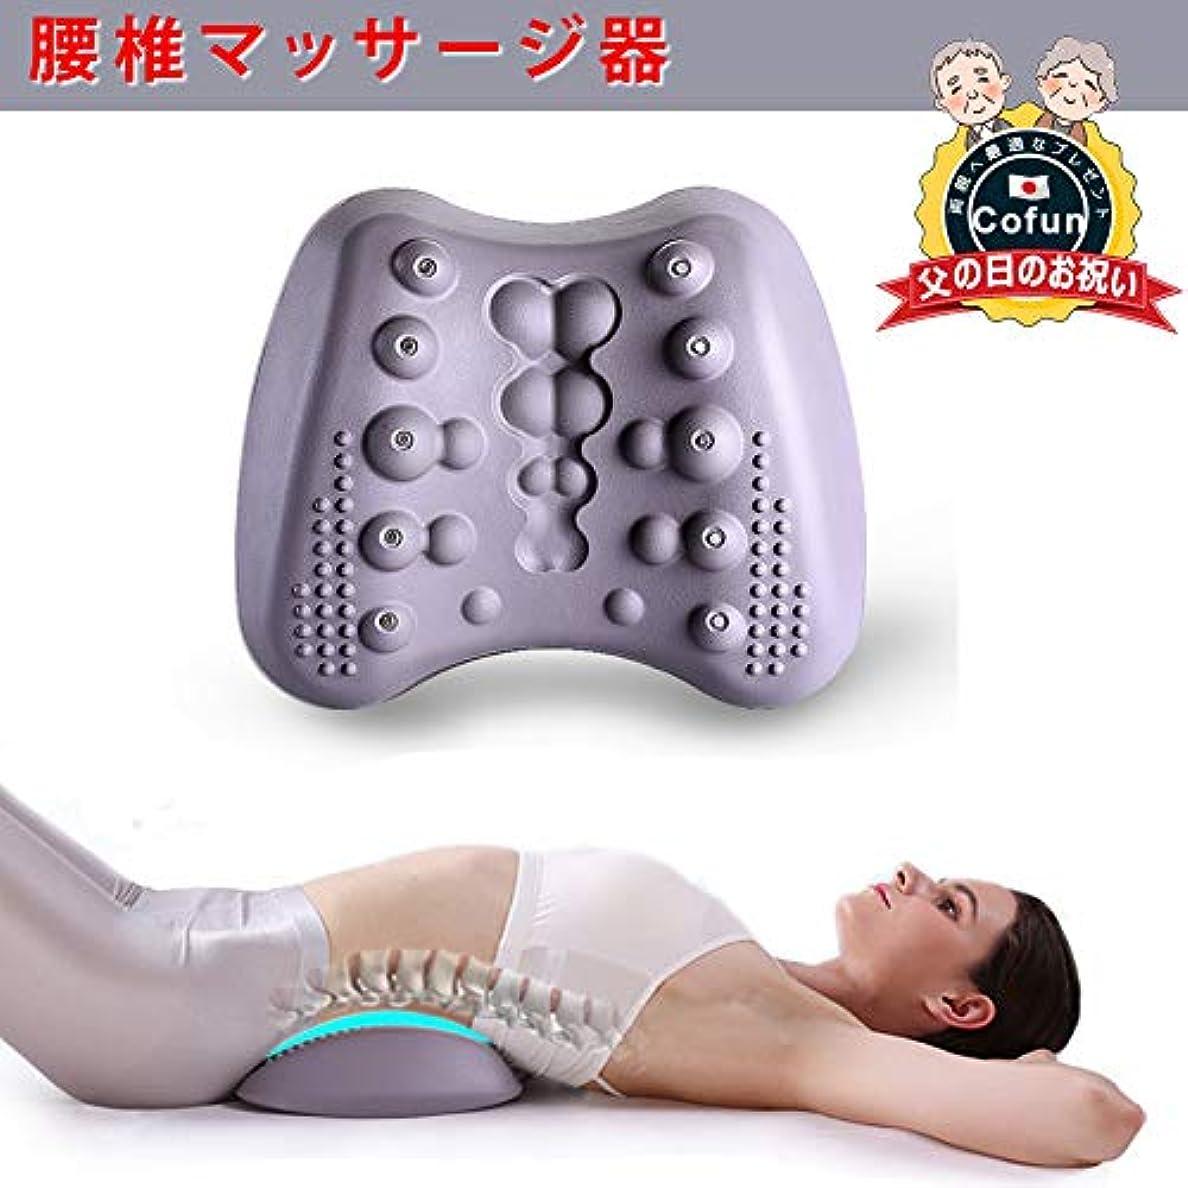 はいエンディング何十人も敬老の日 腰椎矯正器 腰マッサージ器 脊椎牽引器 腰部パッド マグネット指圧 疲労を和らげる 腰痛を和らげる 腰痛 改善 サポーター 男女兼用